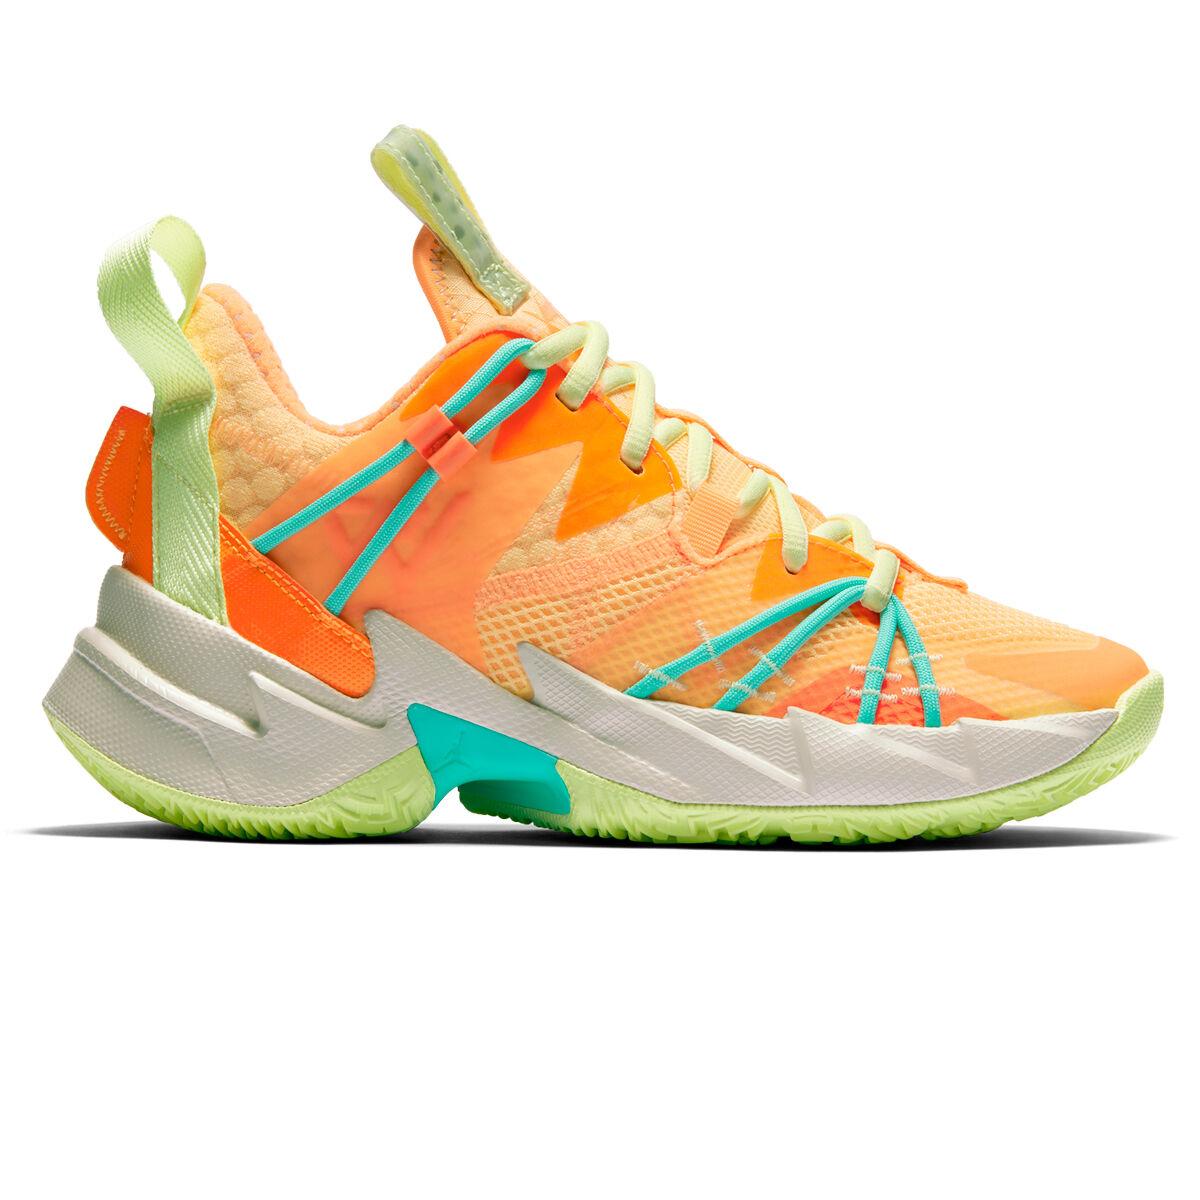 Nike Air Jordan Why Not Zer0.3 SE Kids